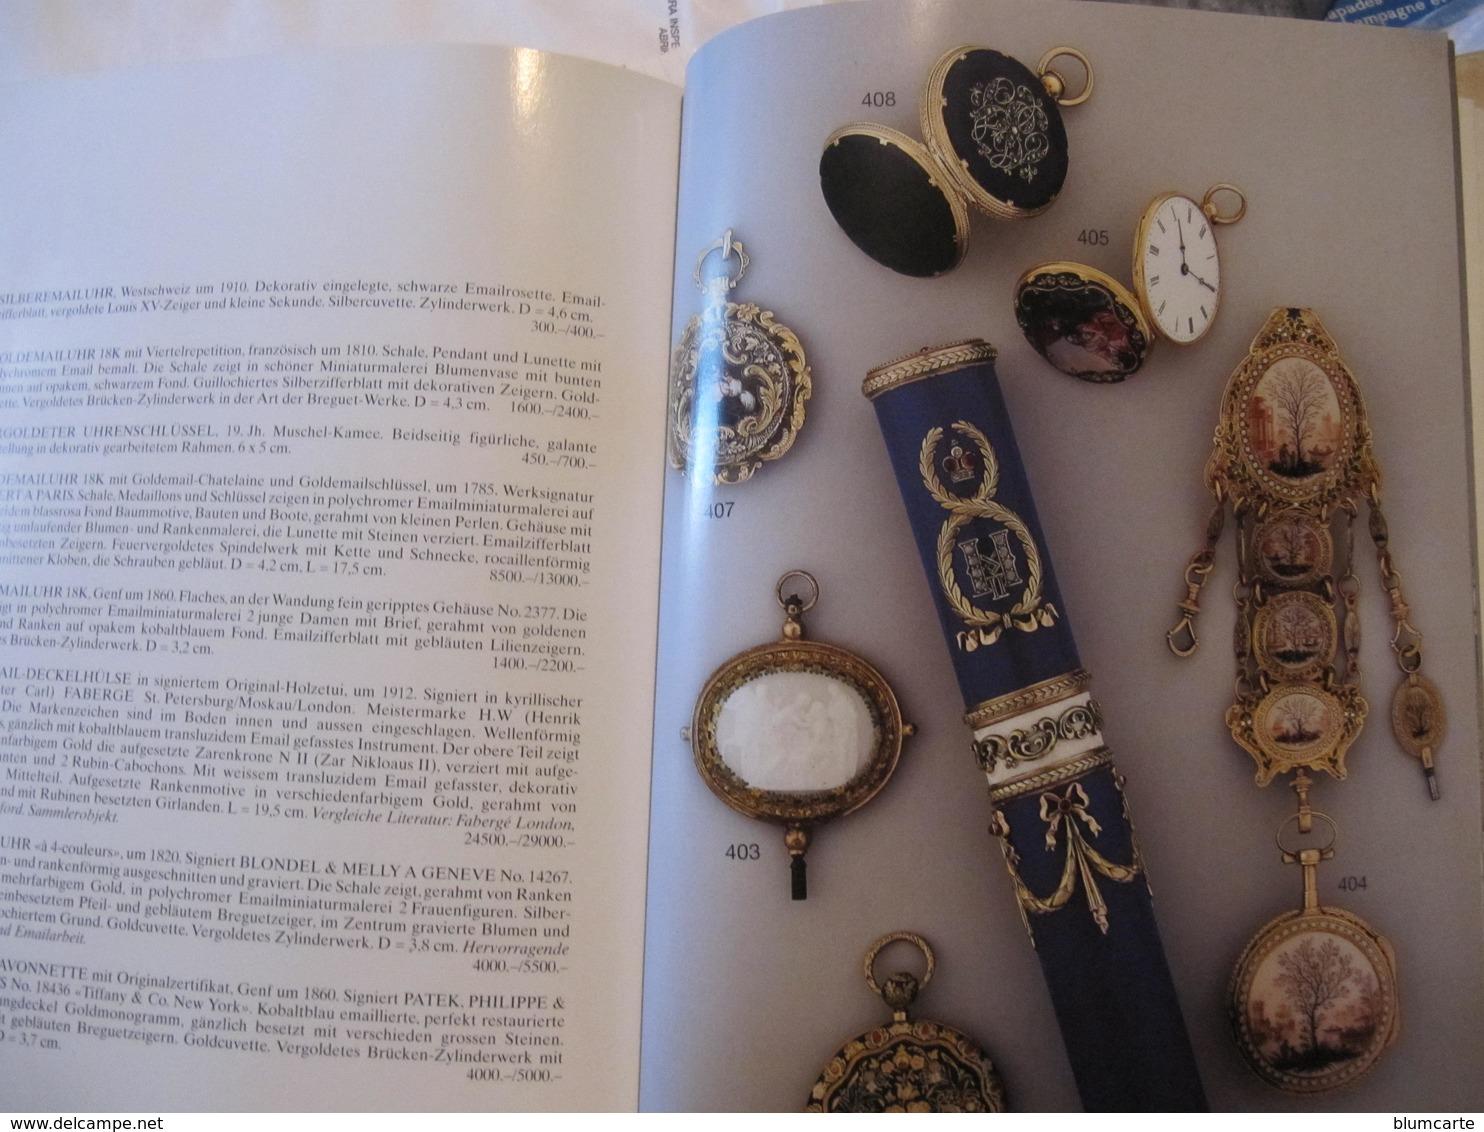 CATALOGUE DE VENTE MONTRES ET HORLOGERIE - INEICHEN ZÜRICH 17 MAI 1999 - Bijoux & Horlogerie